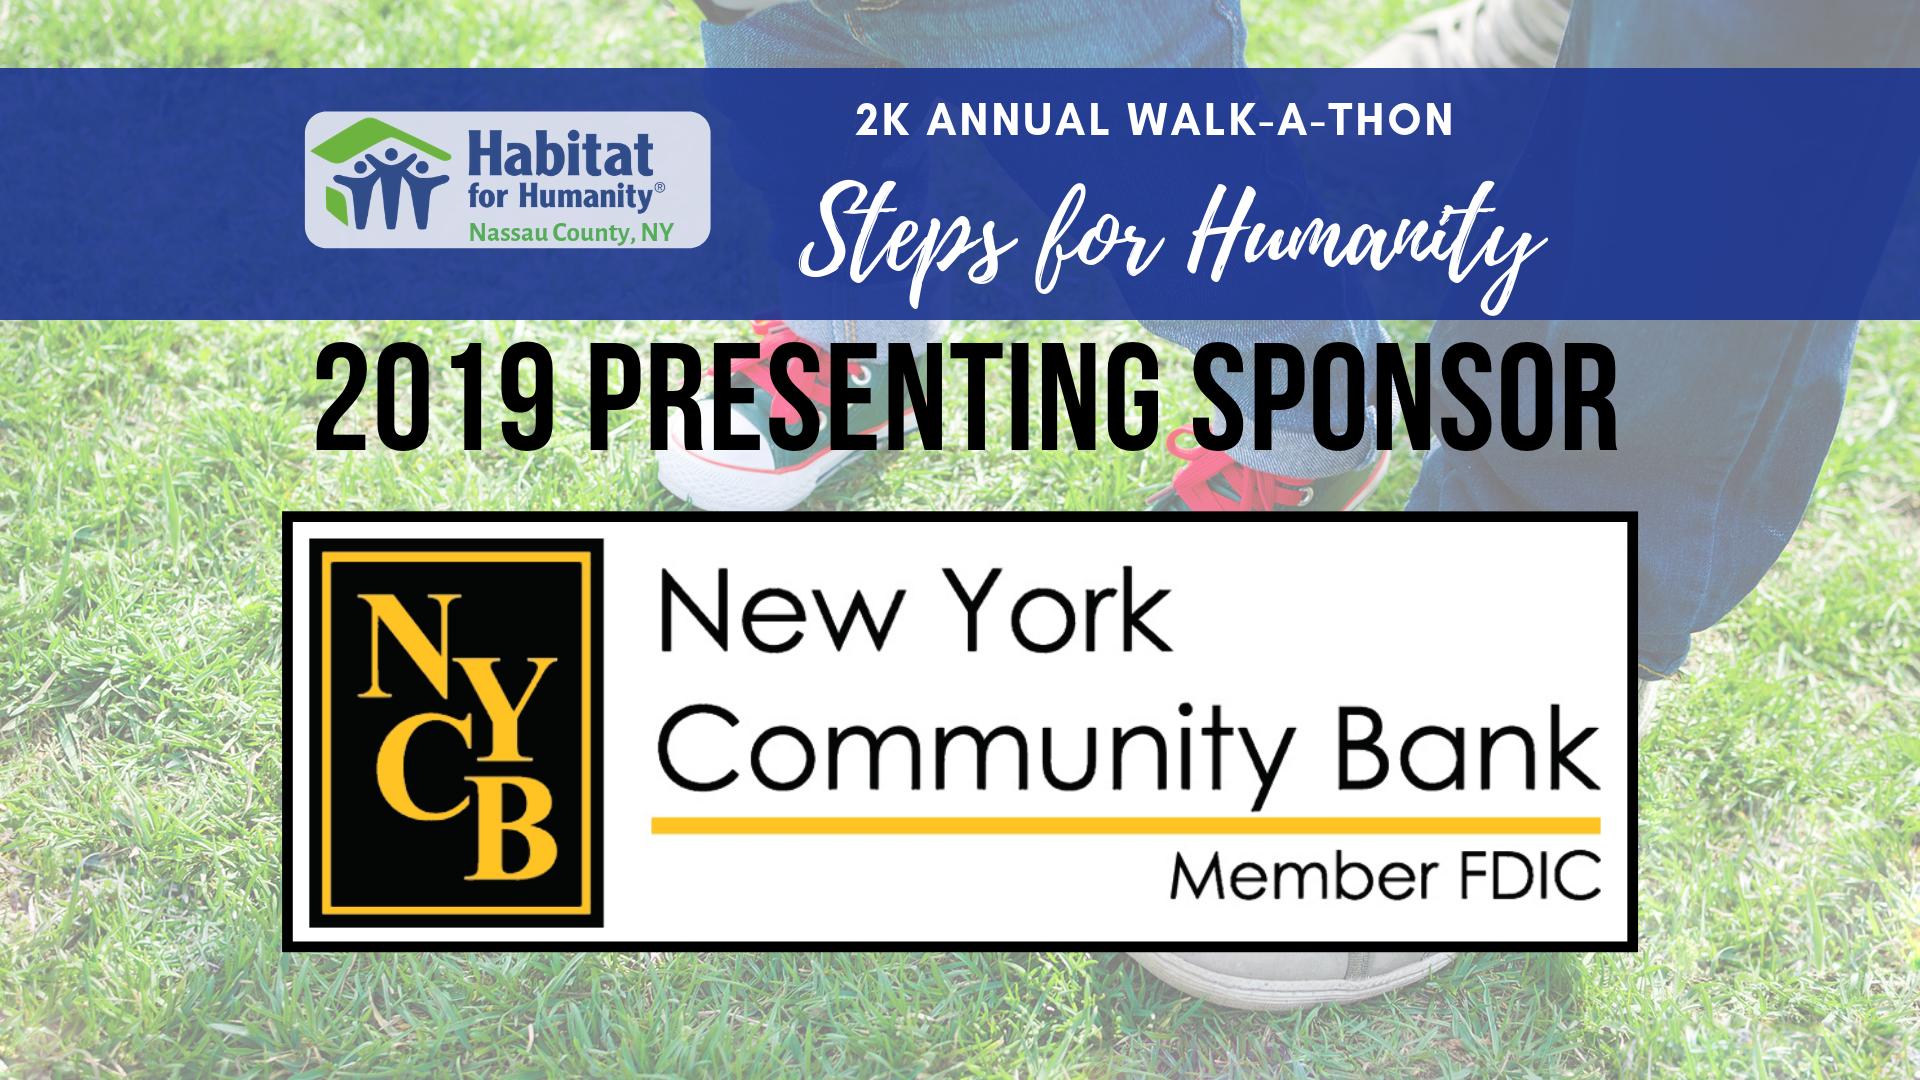 NYCB Sponsor